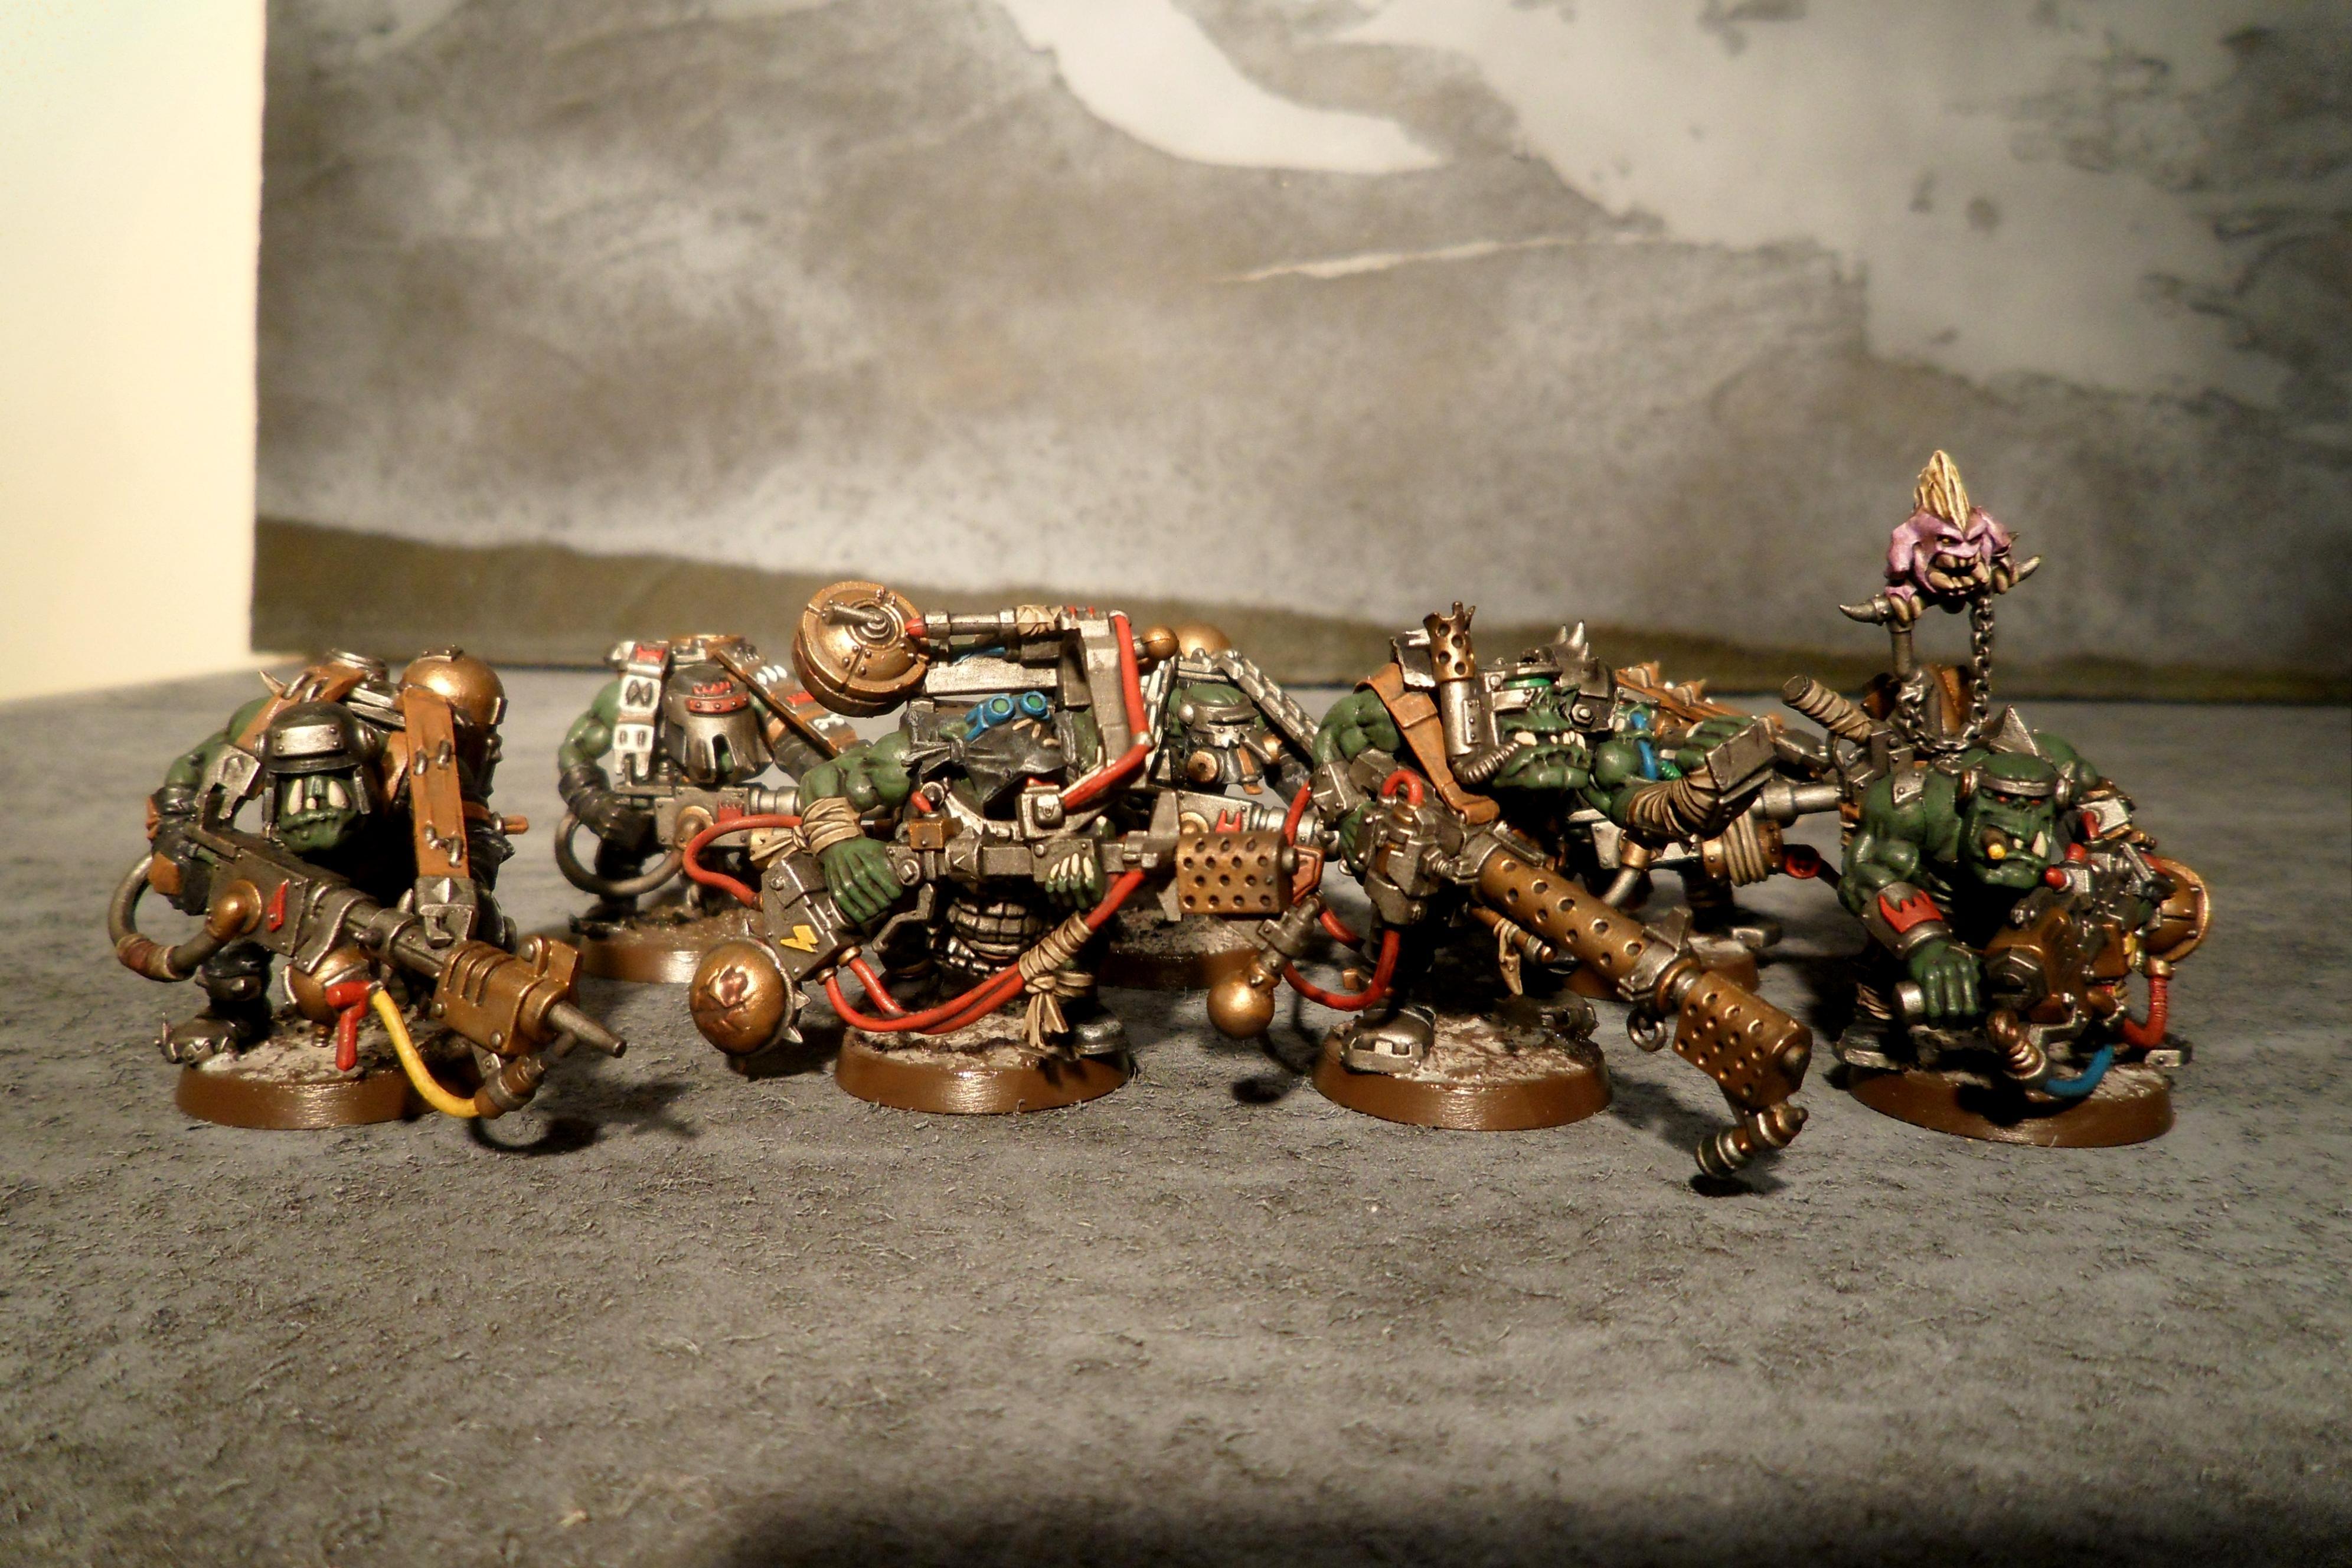 Burna Boyz, Conversion, Orks, Warhammer 40,000